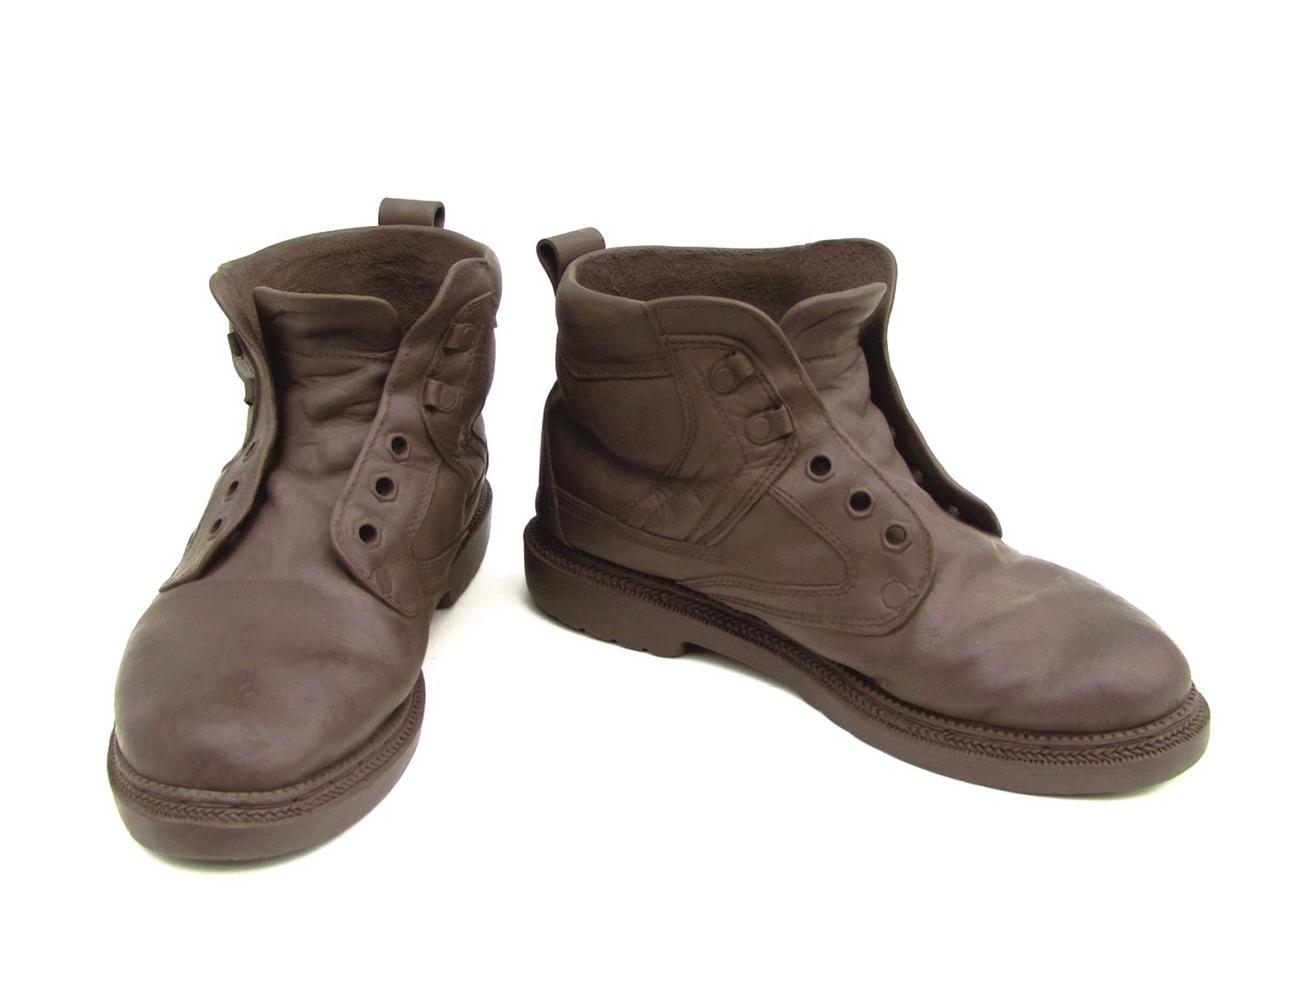 一双旧皮鞋(紫砂)